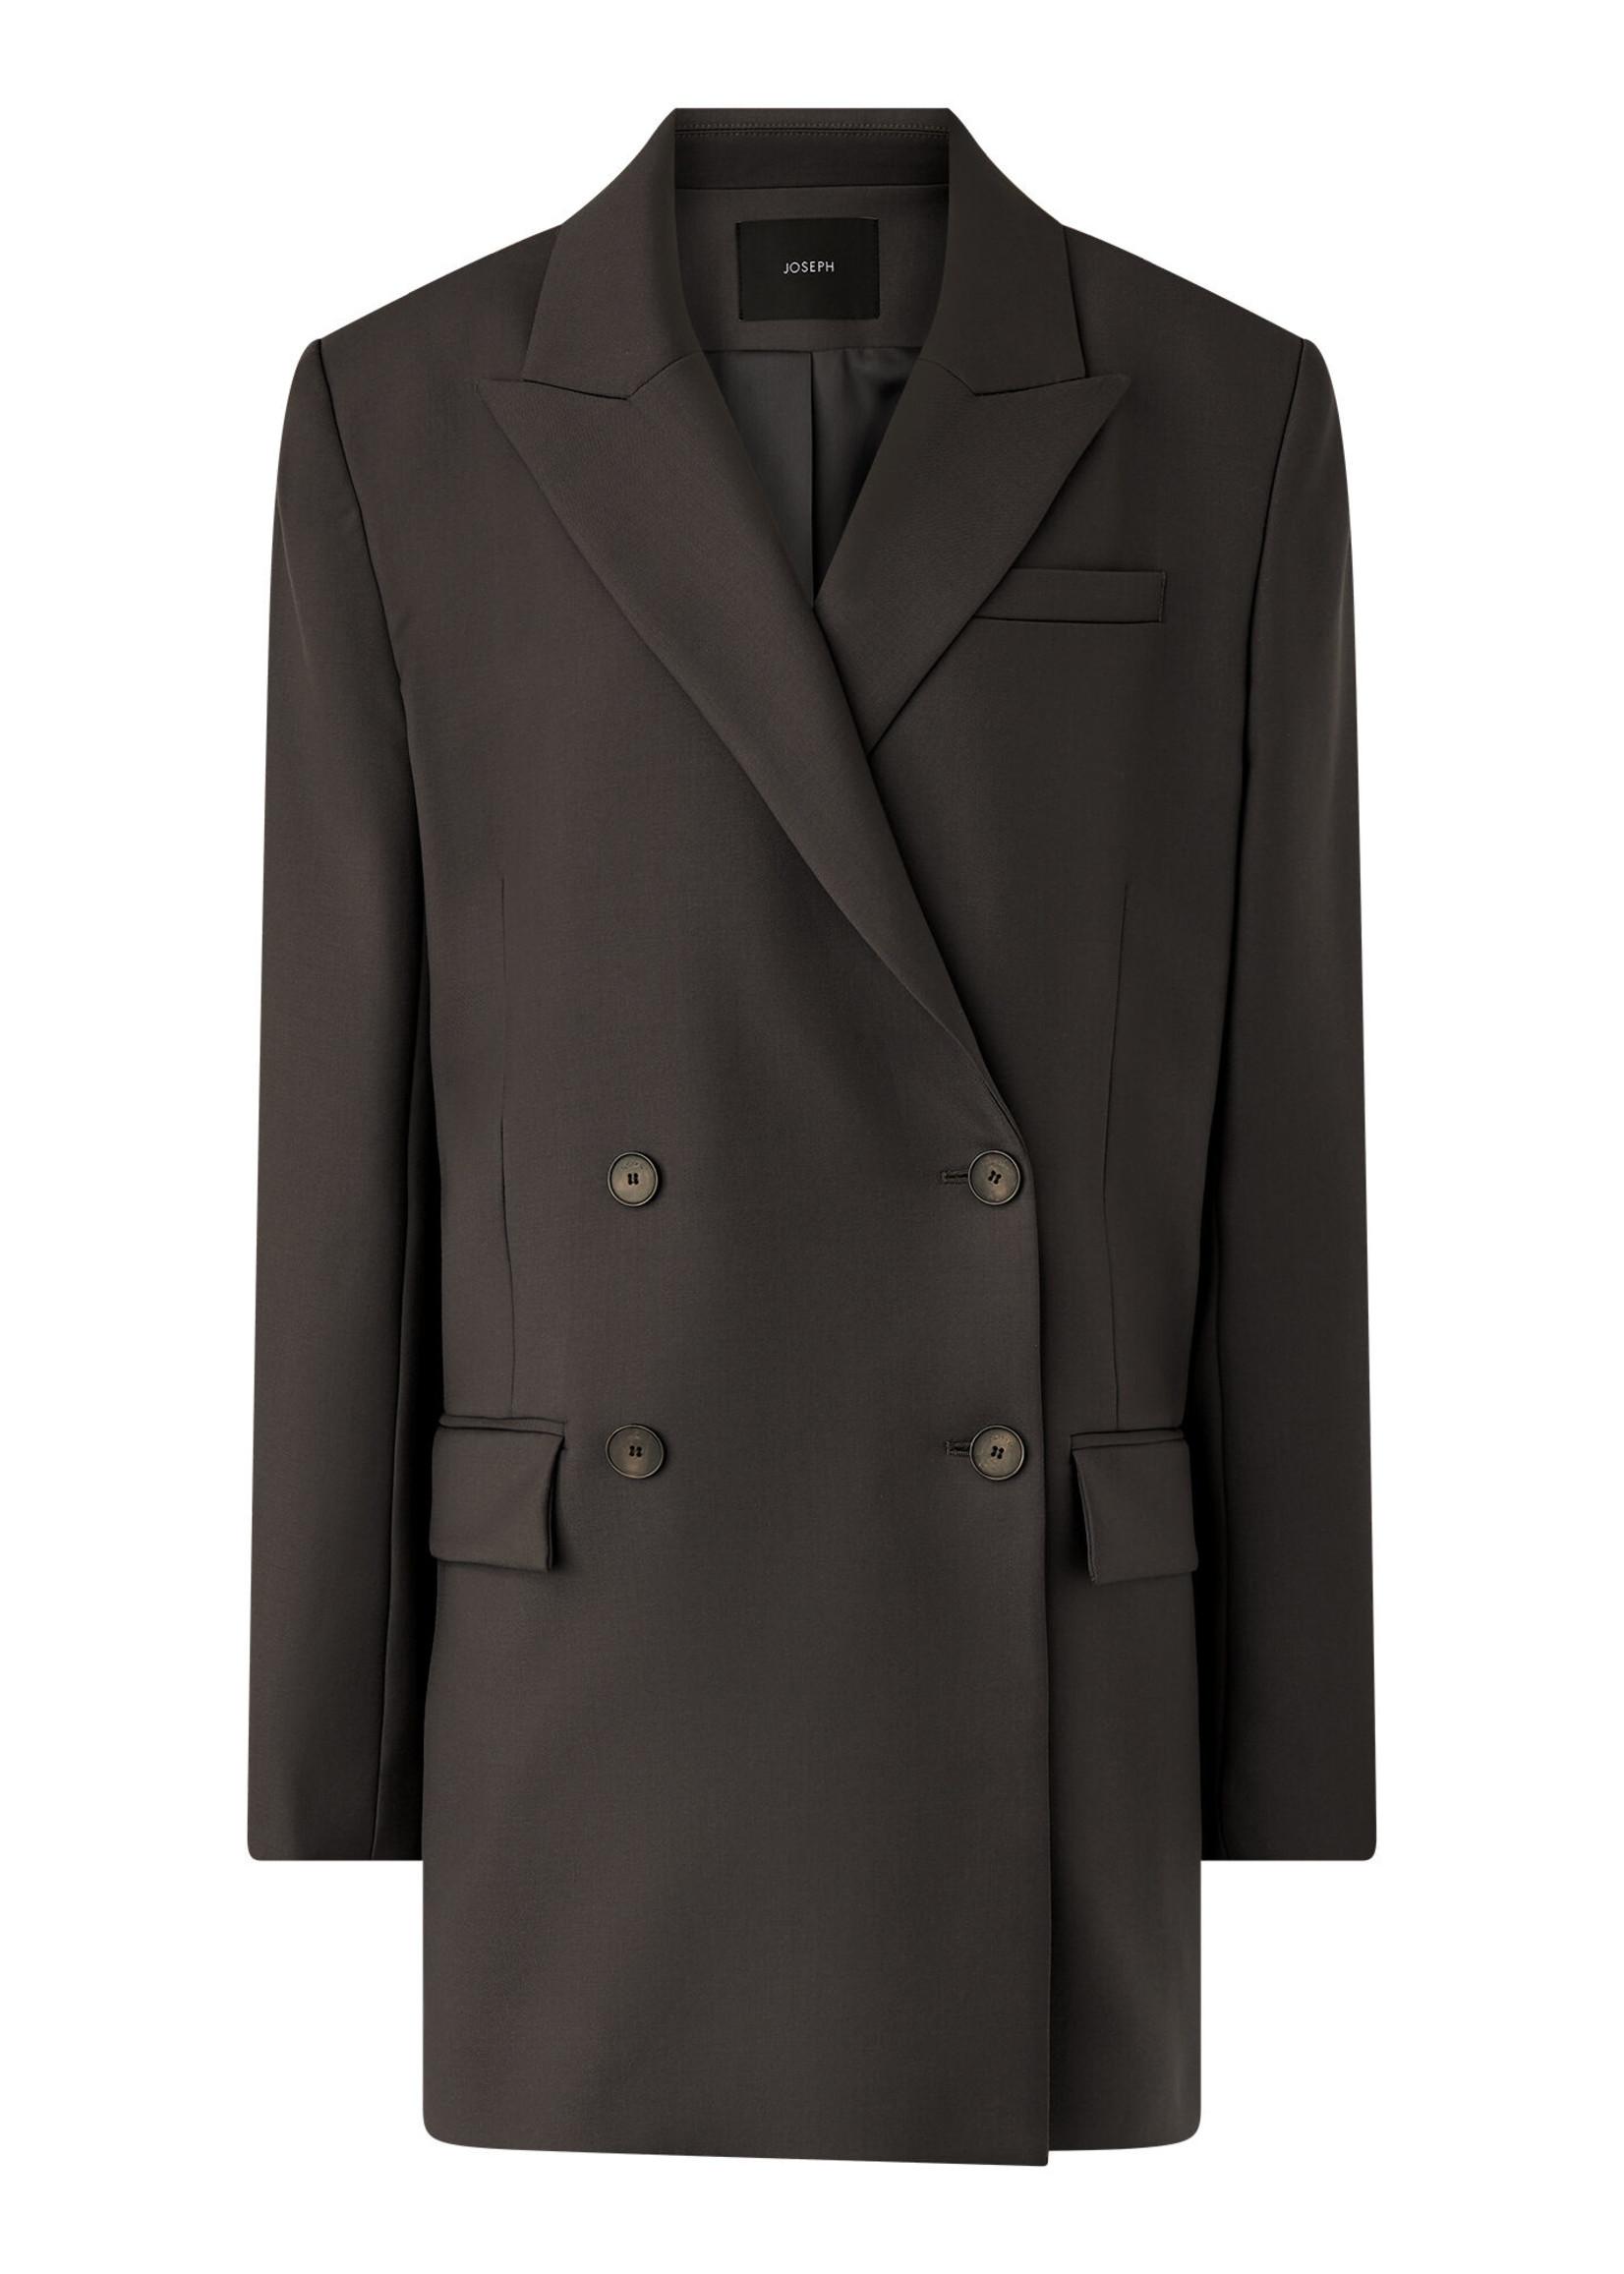 Joseph Joseph joni jacket tailoring wool , iron